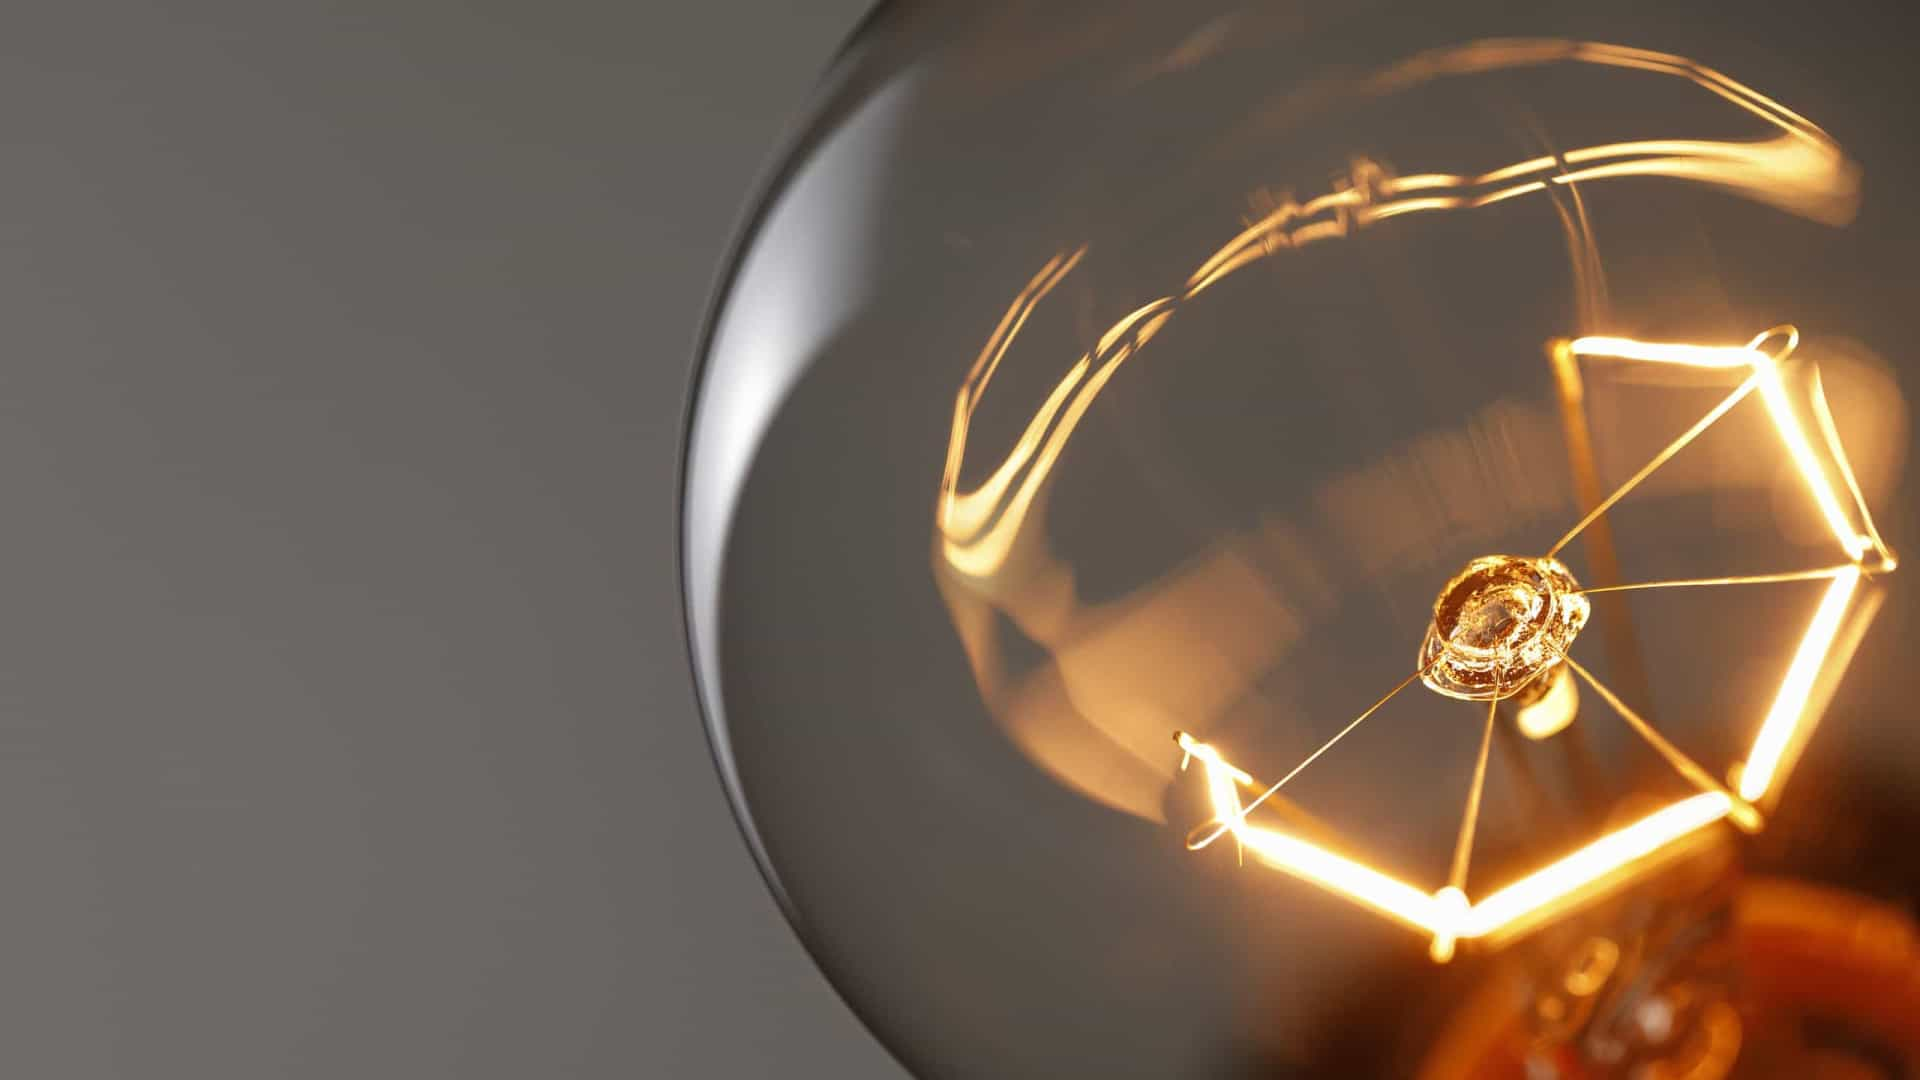 Consumo de eletricidade no País cai 1,5% em 2020, diz CCEE